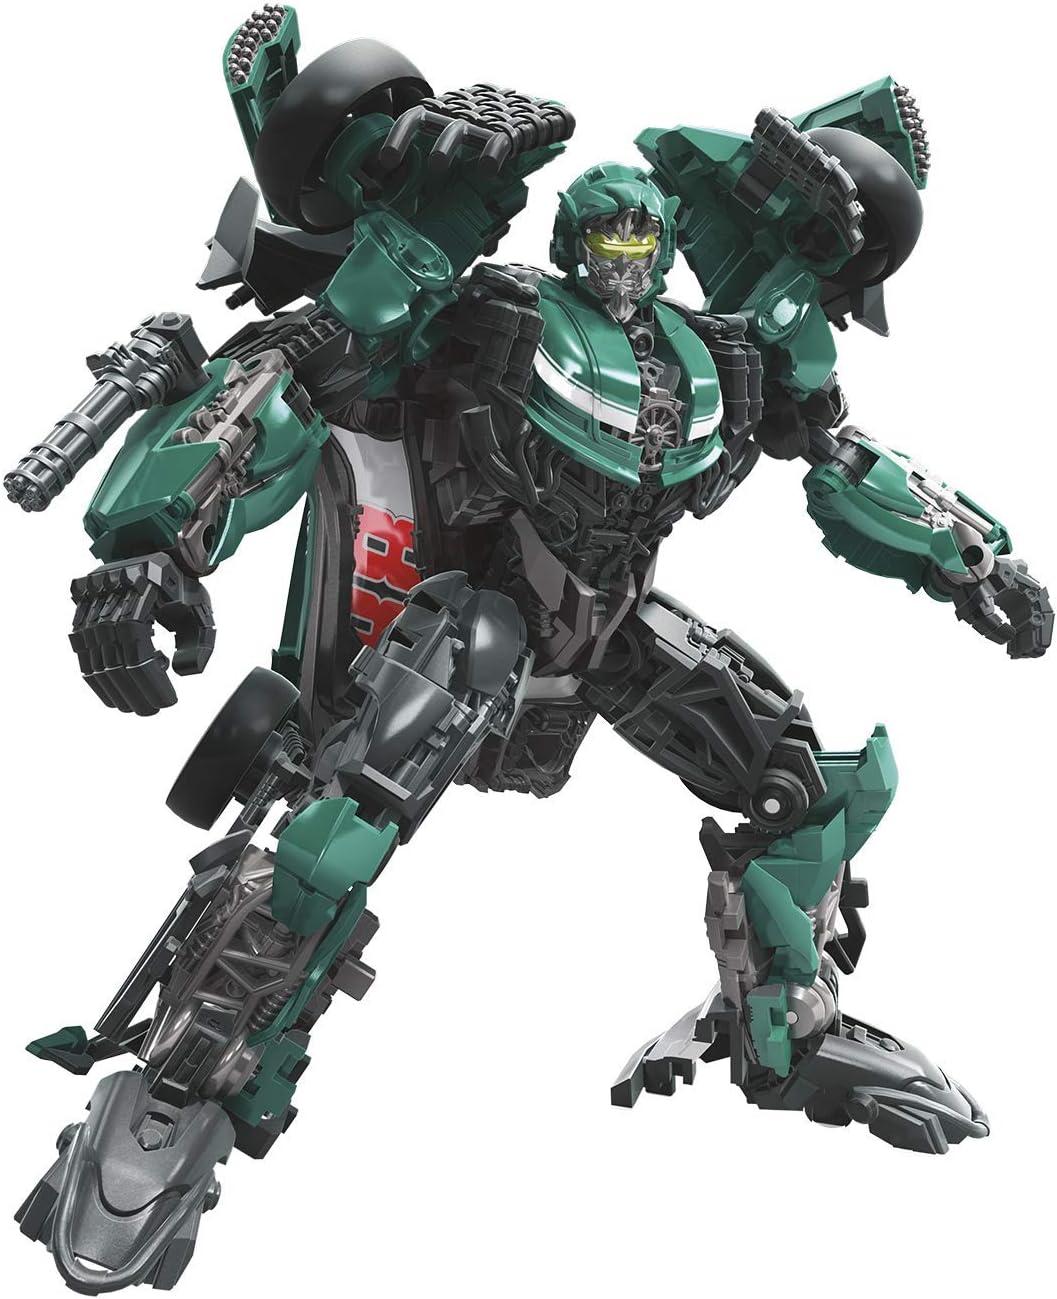 Transformers Studio Series 58 Deluxe Klasse Die dunkle Seite